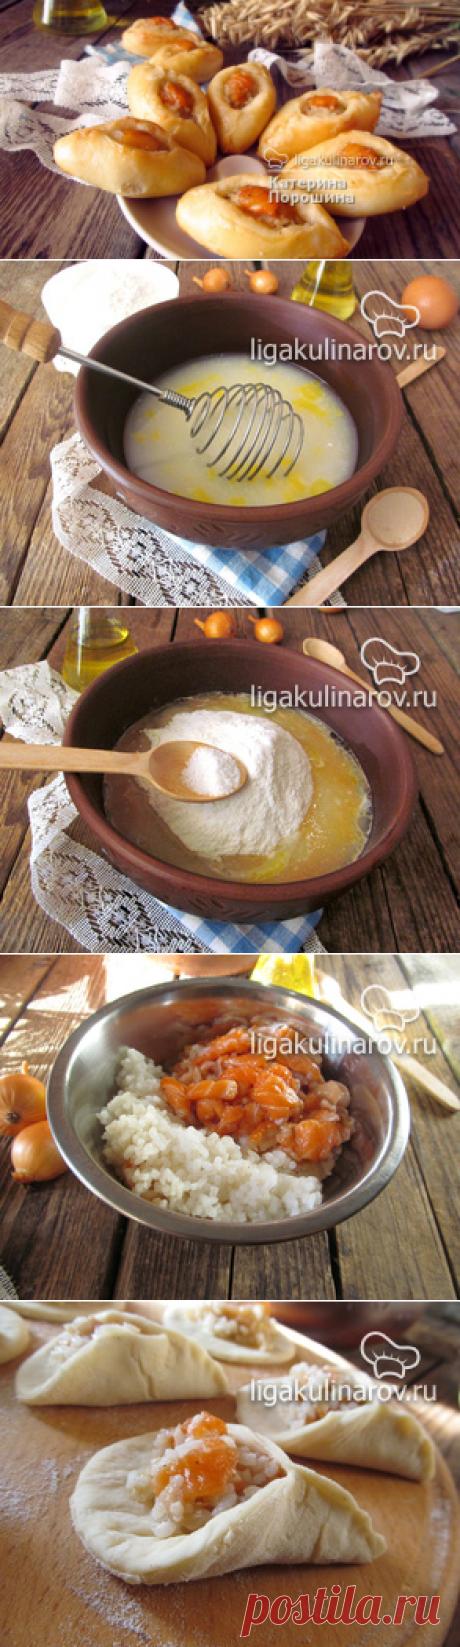 Расстегаи с рыбой и рисом - рецепт с фото пошагово.